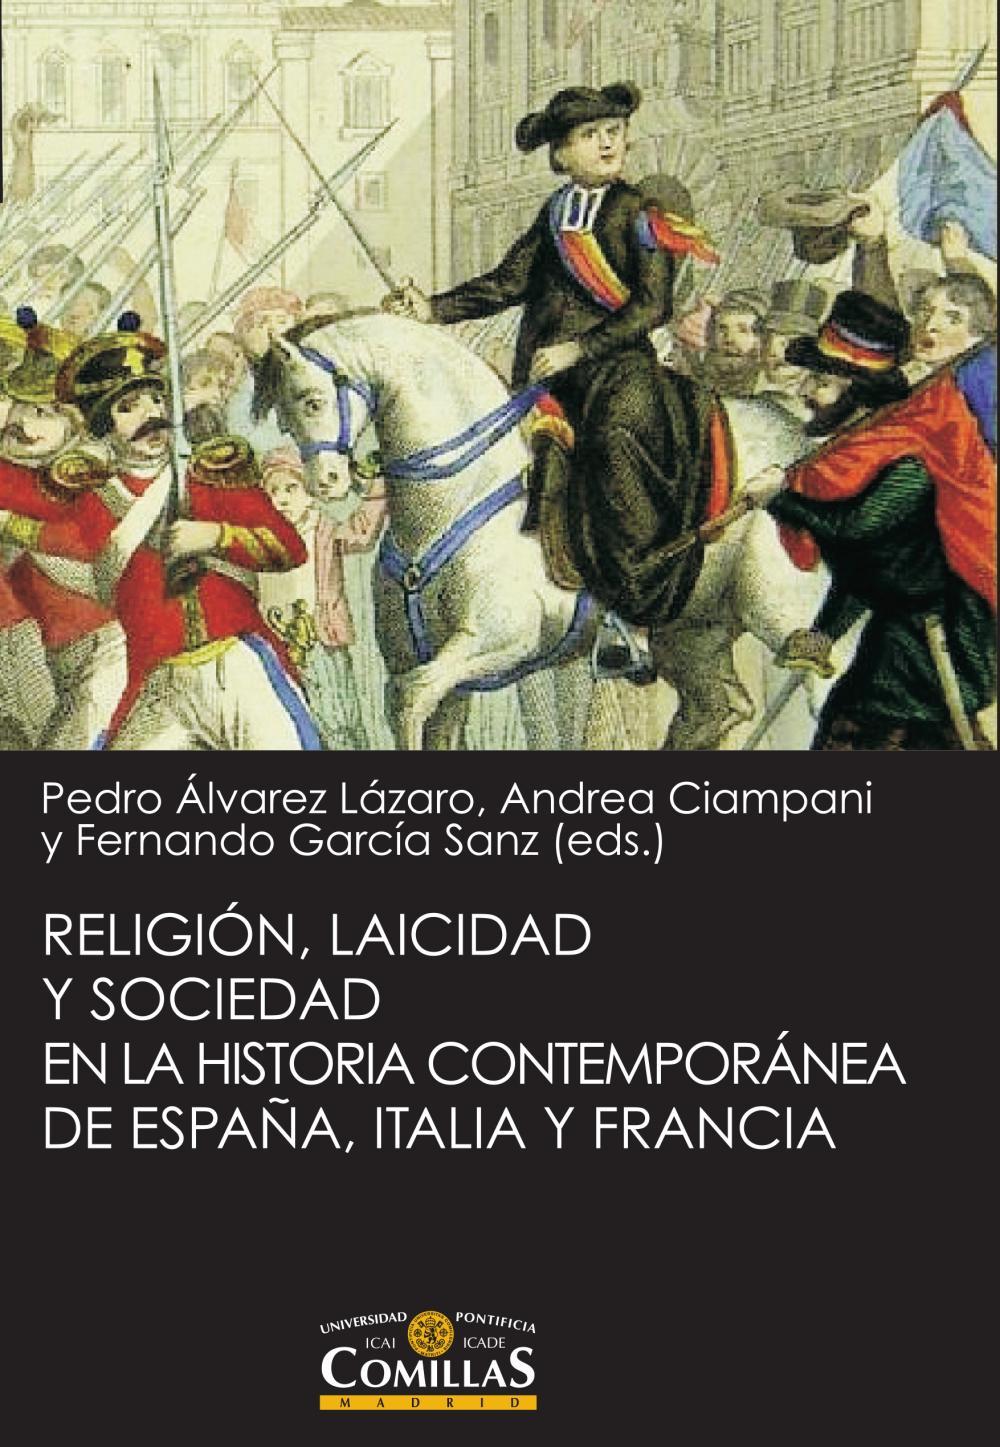 Religión, laicidad y sociedad en la Historia contemporánea de España, Italia y Francia